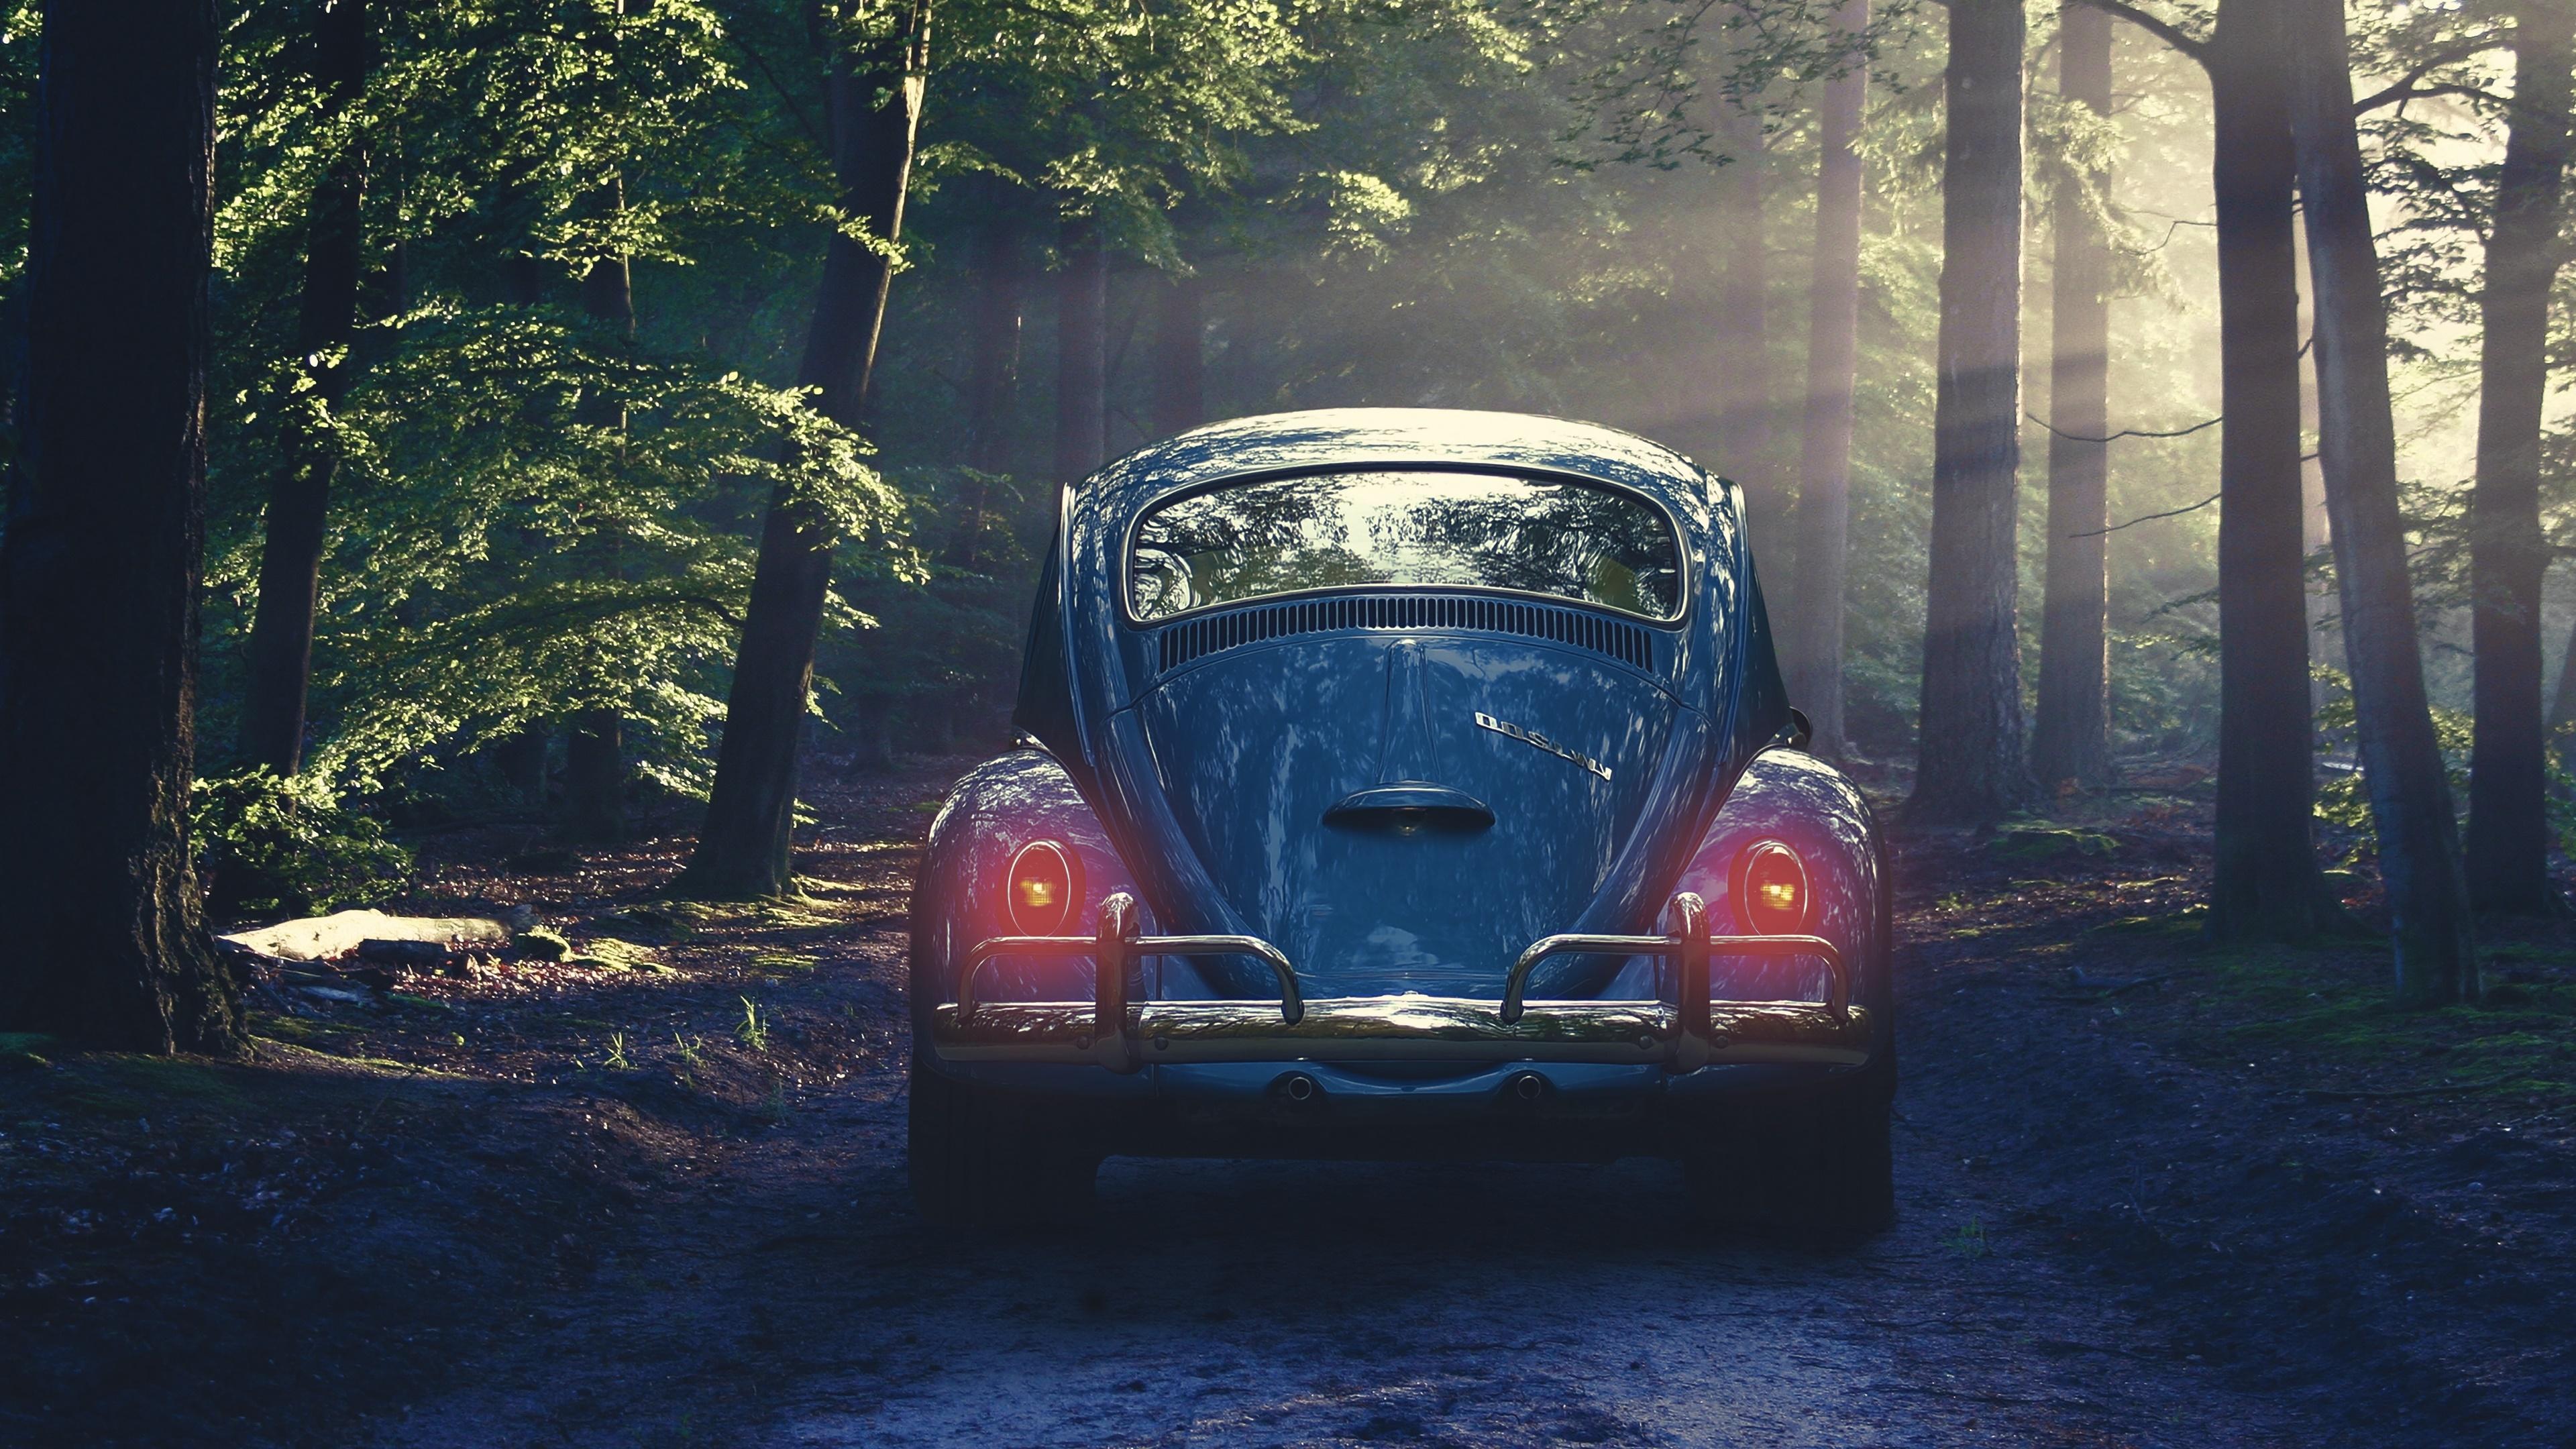 Volkswagen Beetle In The Forest 4k Ultrahd Wallpaper Backiee